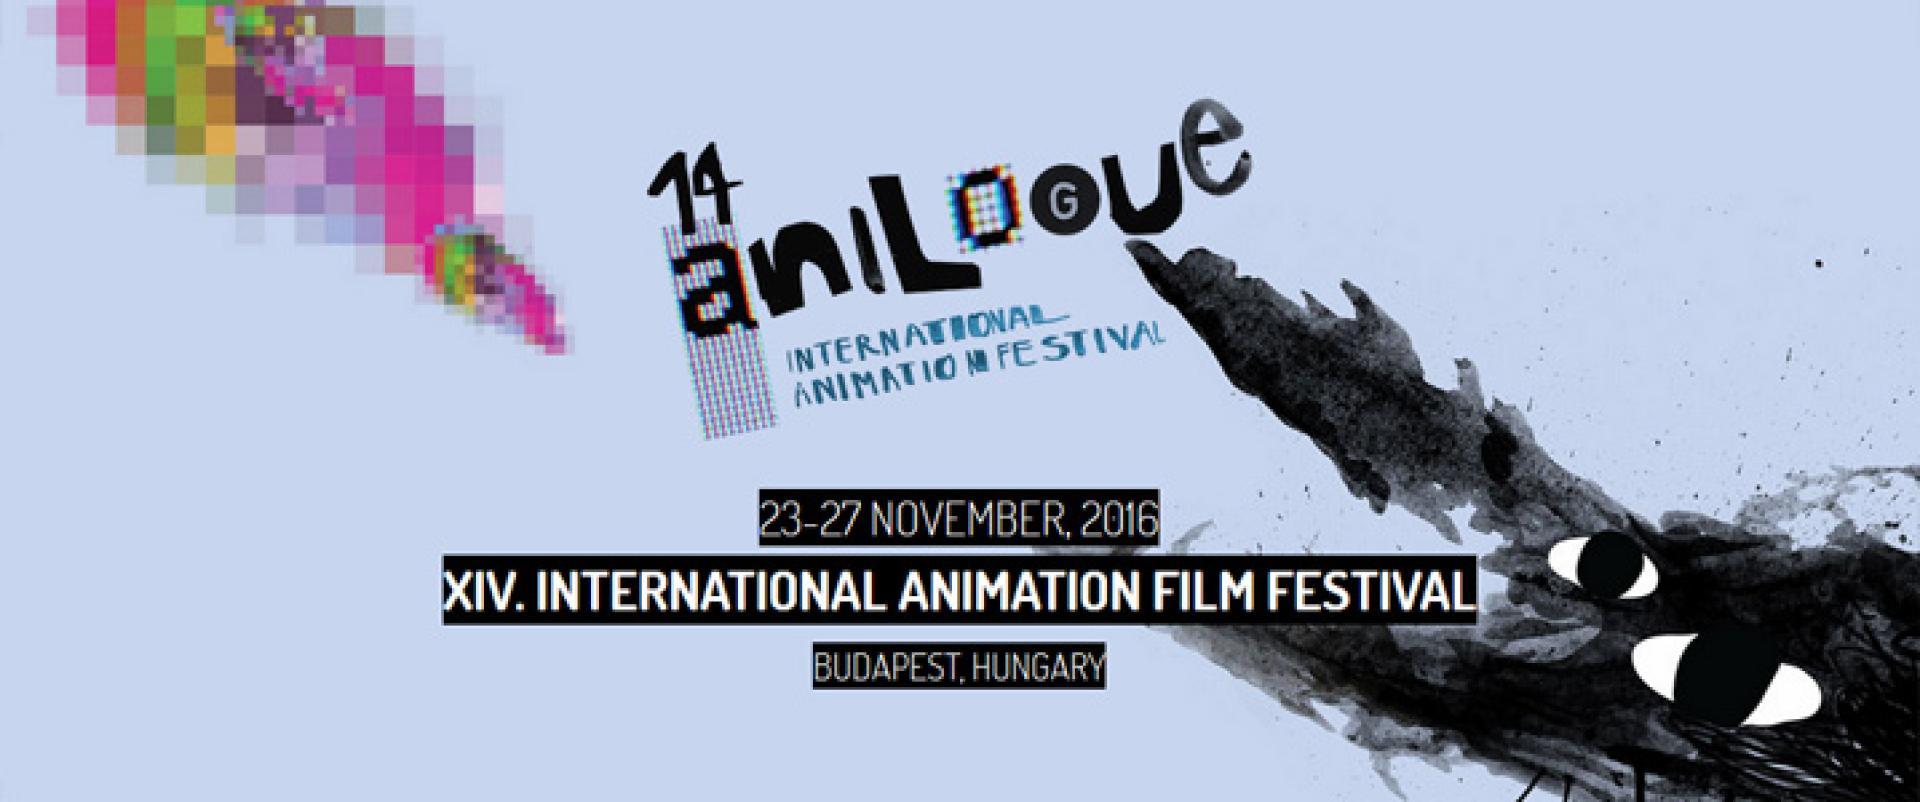 Animációs filmek a horror szerelmeseinek az Anilogue-on